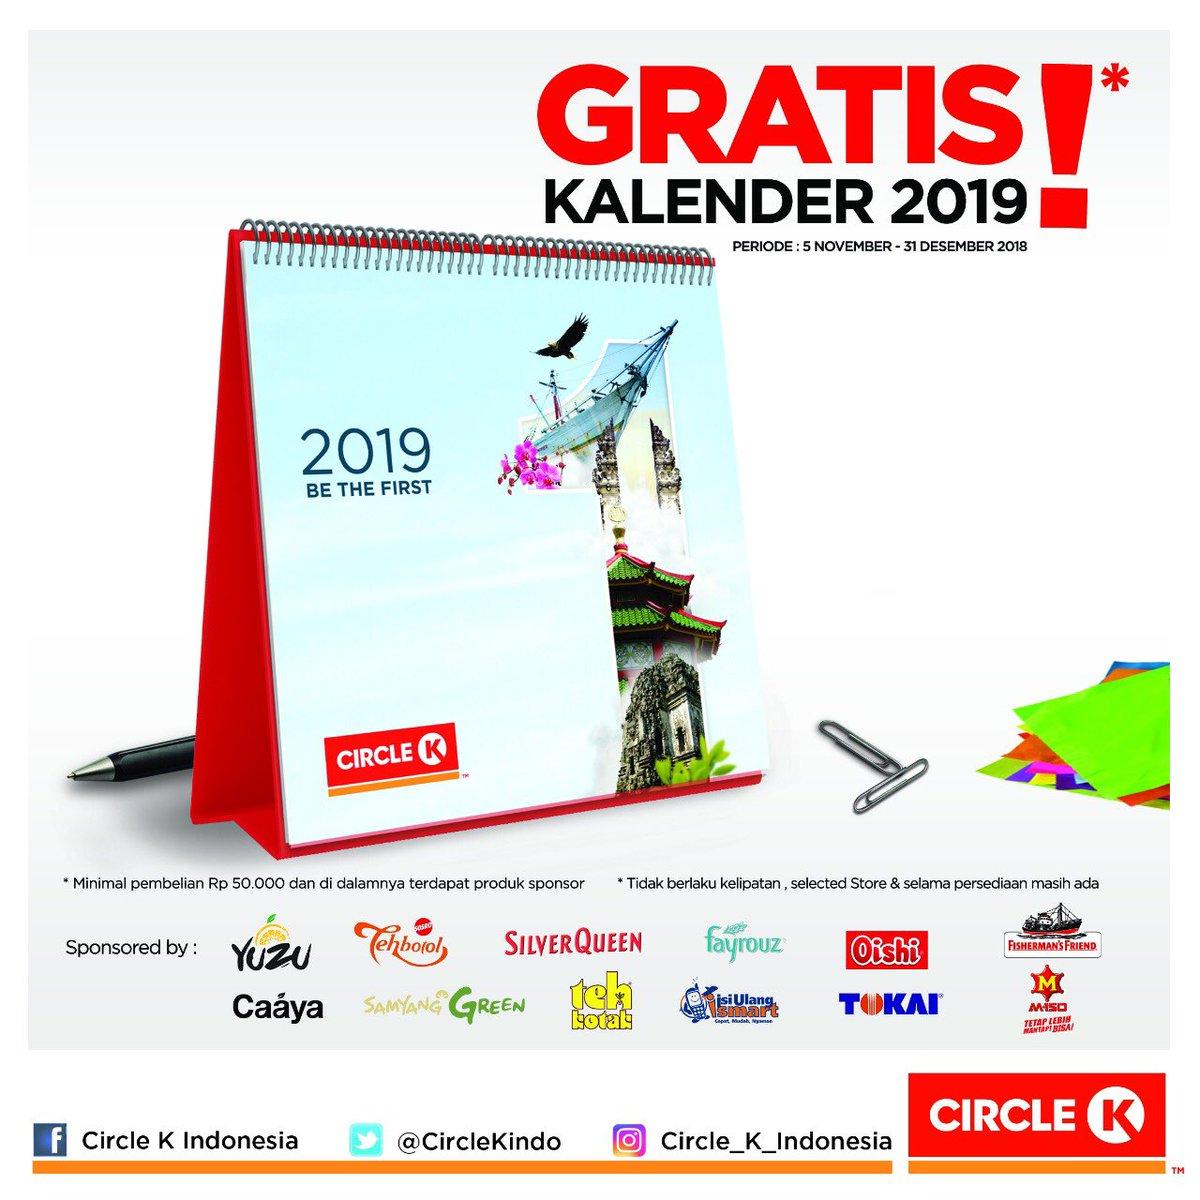 CirckleK - Promo Gratis Kalender 2019 Min Belanja 50K